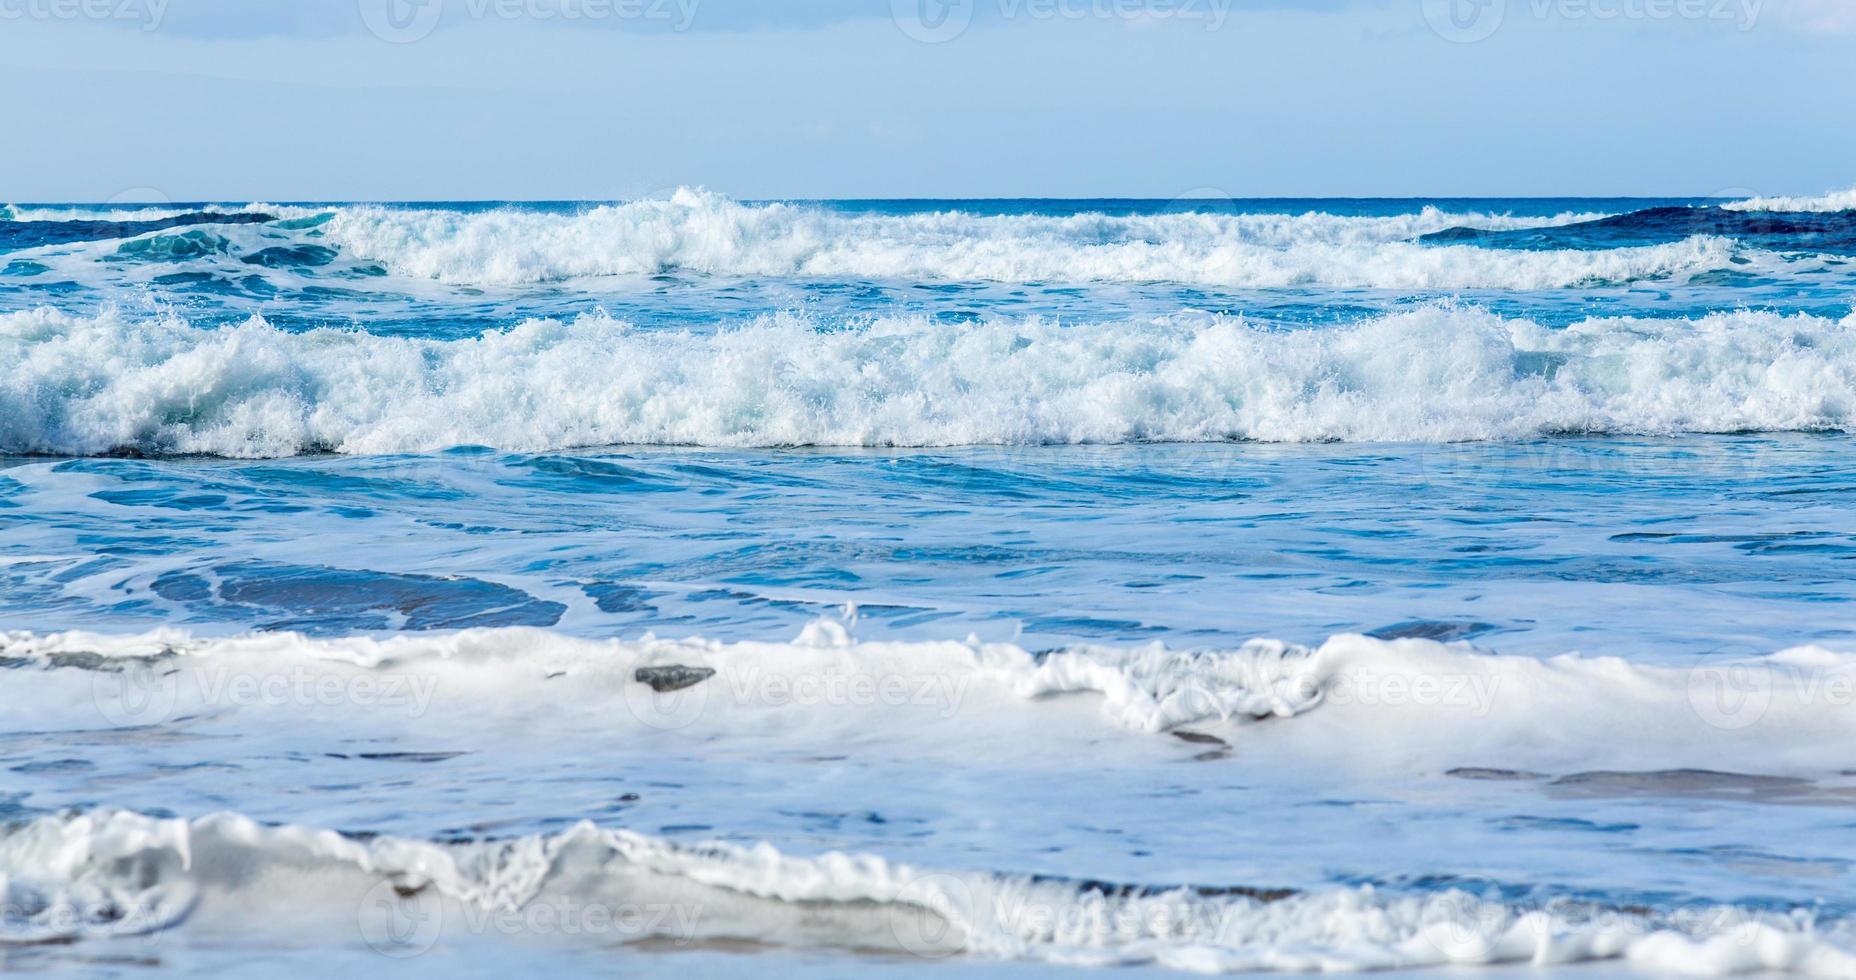 filas de olas llegando a la orilla foto